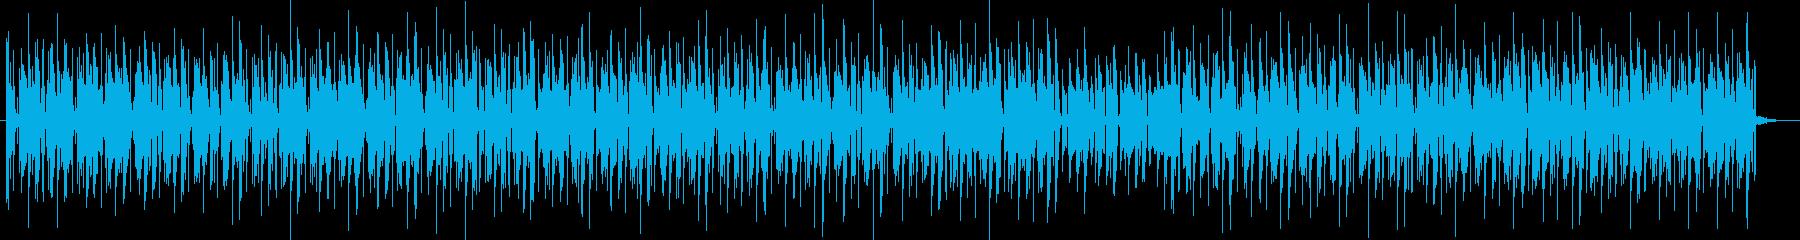 大人な雰囲気もありつつポップさもある曲の再生済みの波形